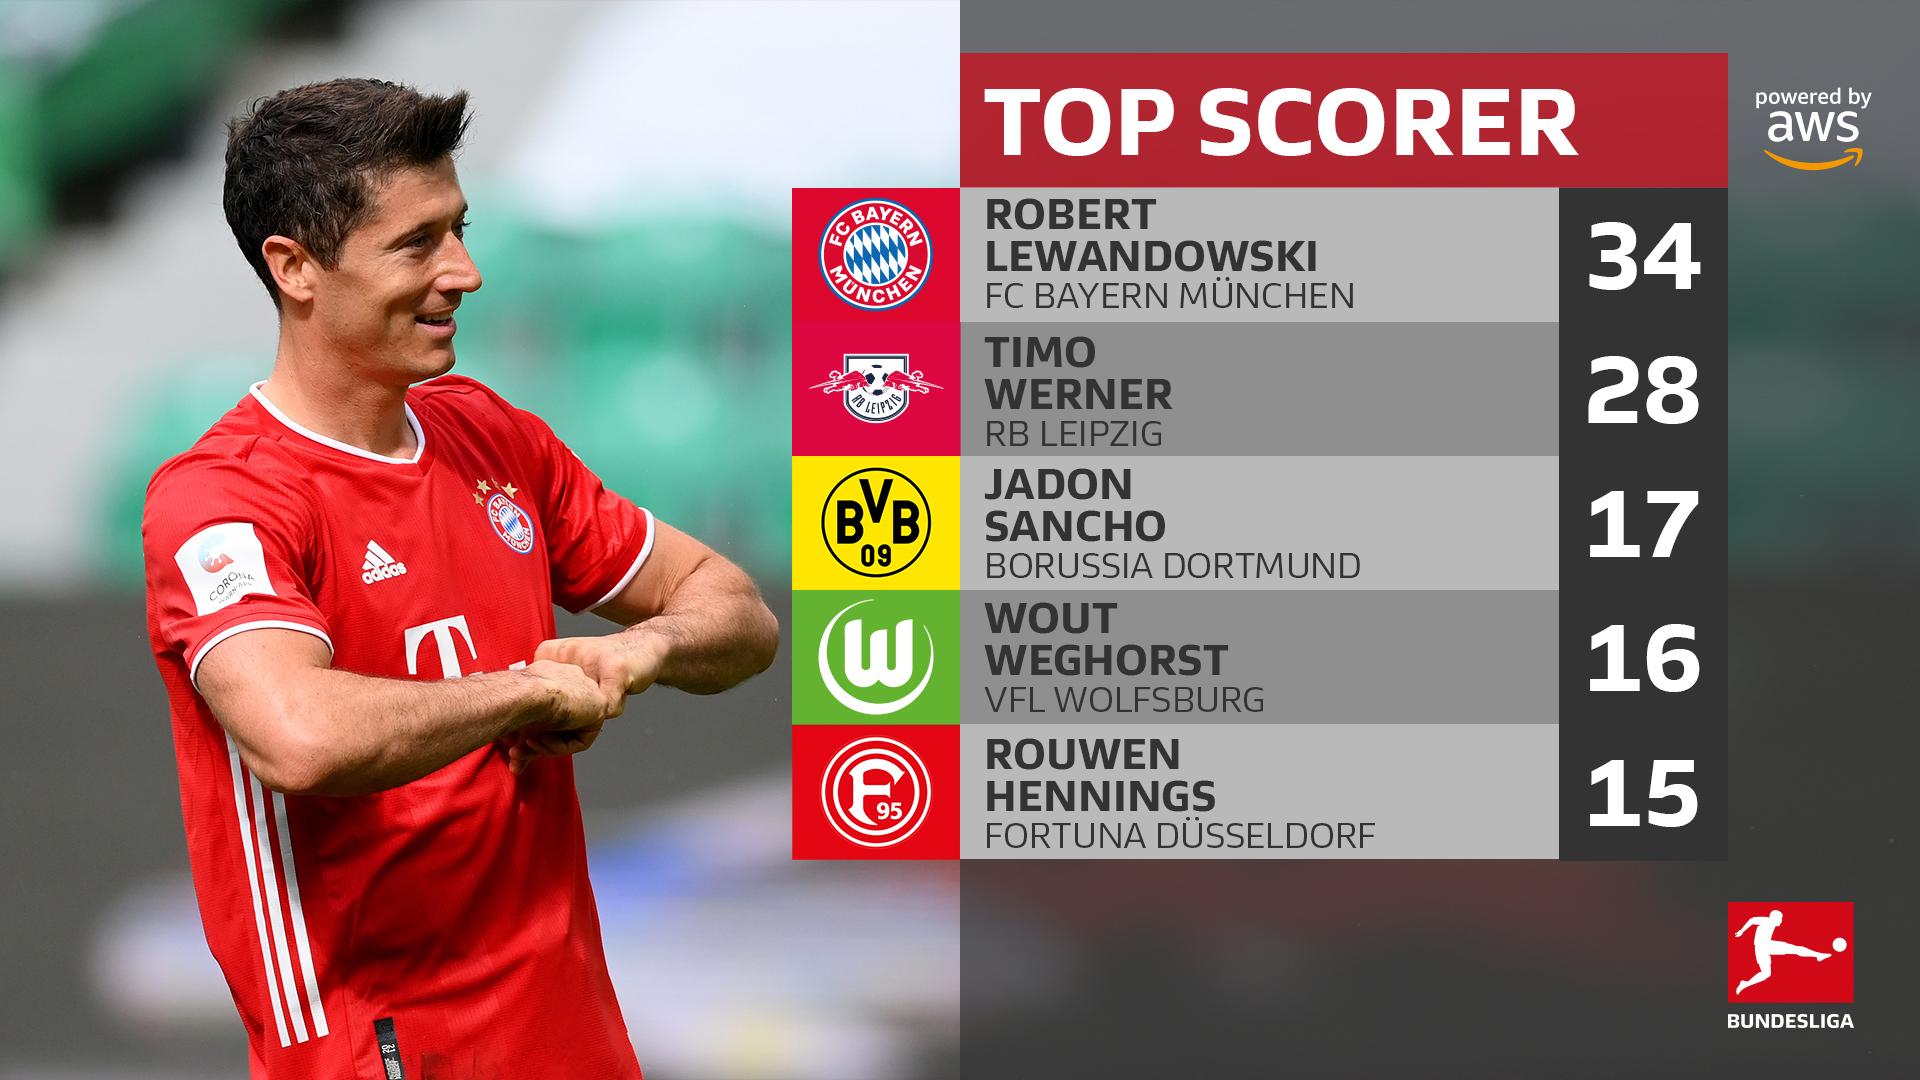 德甲赛季射手榜:莱万维尔纳桑乔前3,哈兰德第6